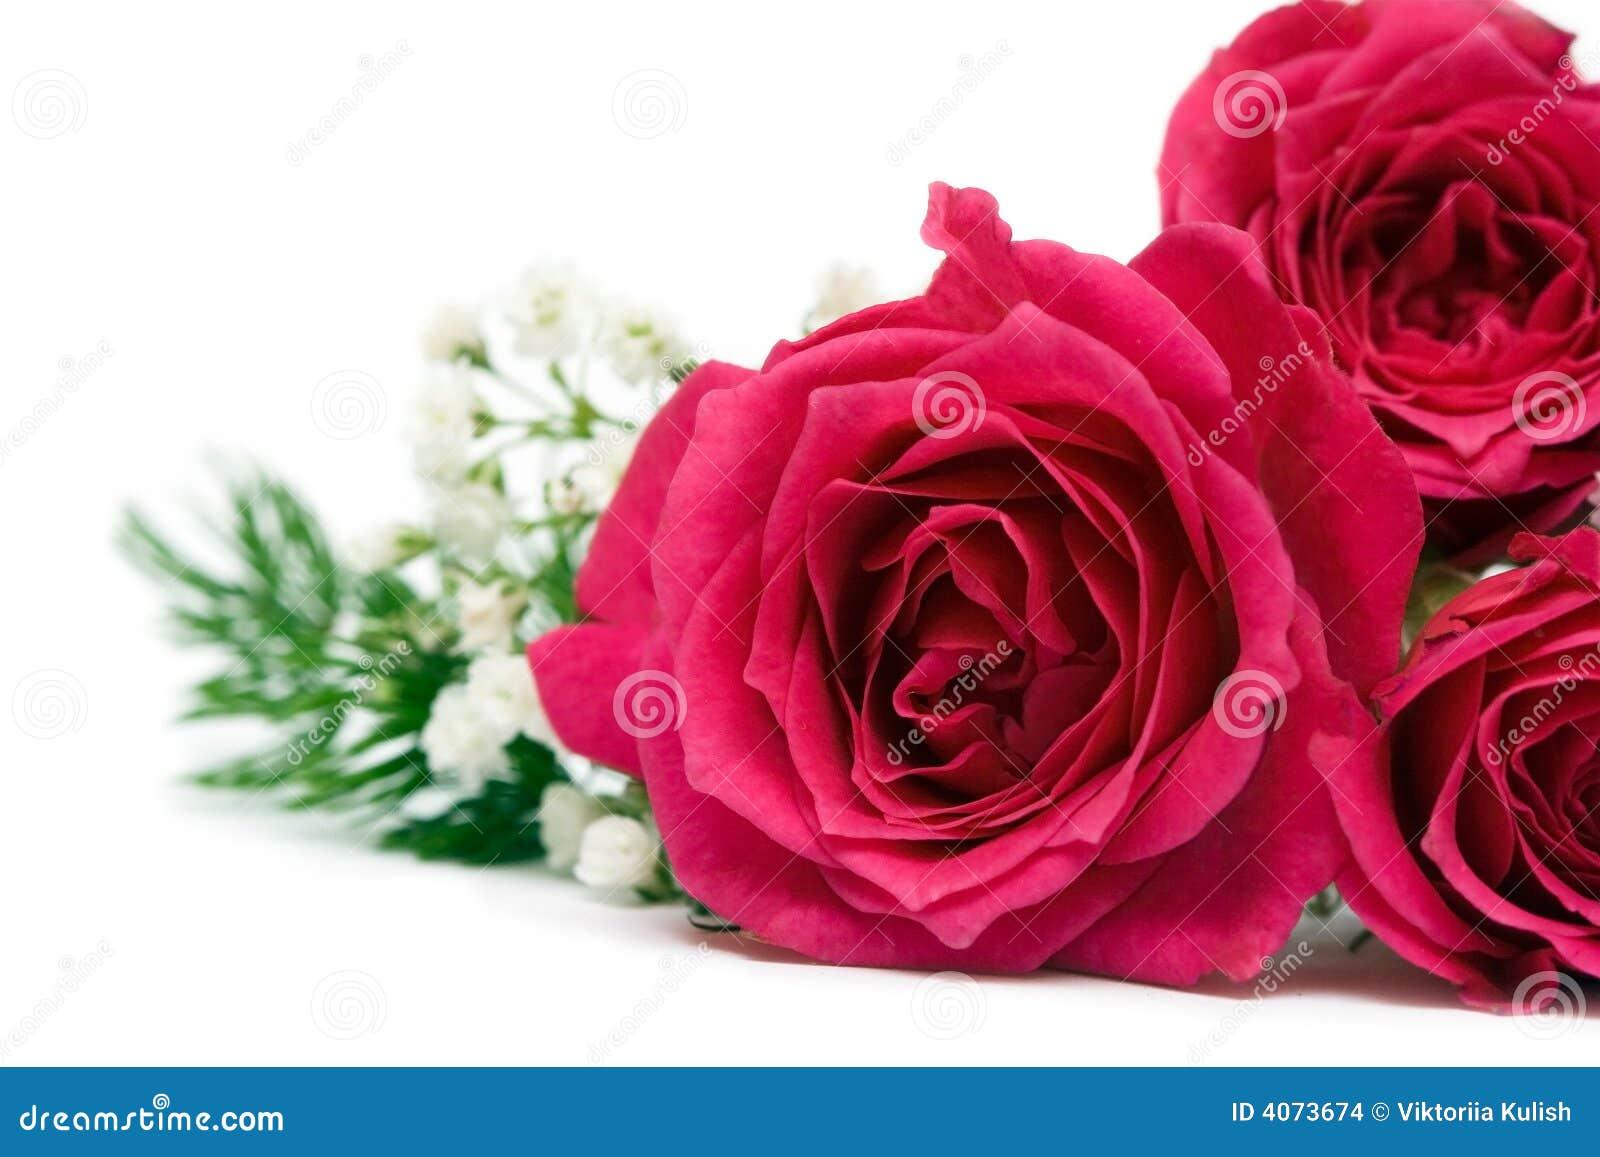 Rosas vermelhas sobre o fundo branco